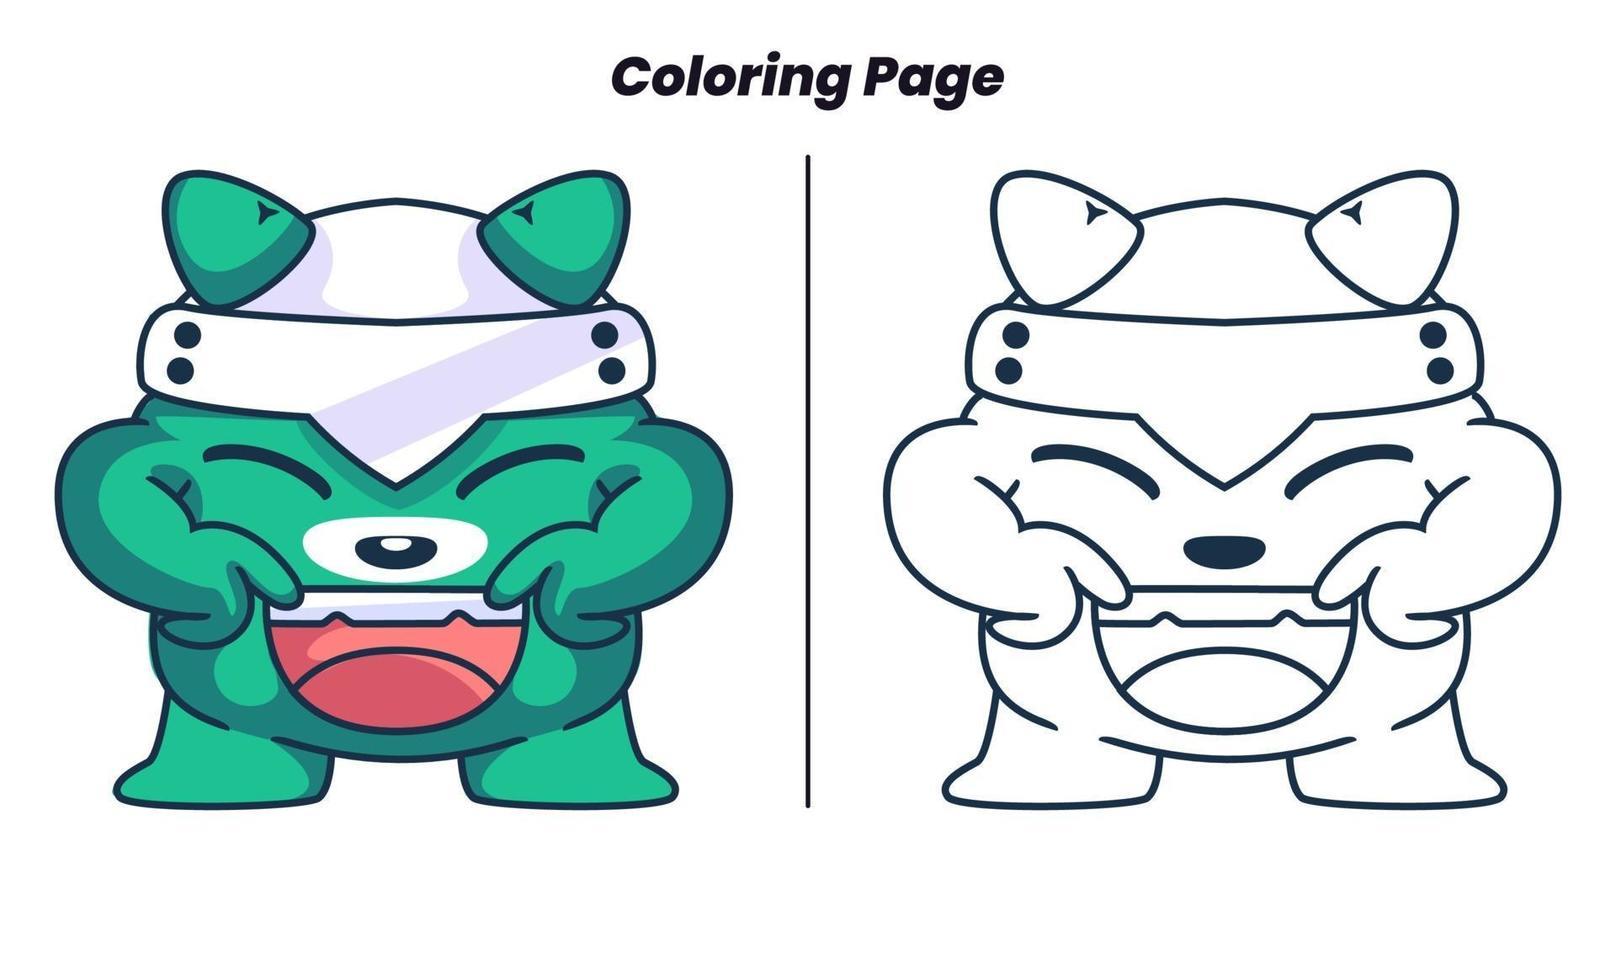 monstro fofo com página para colorir vetor